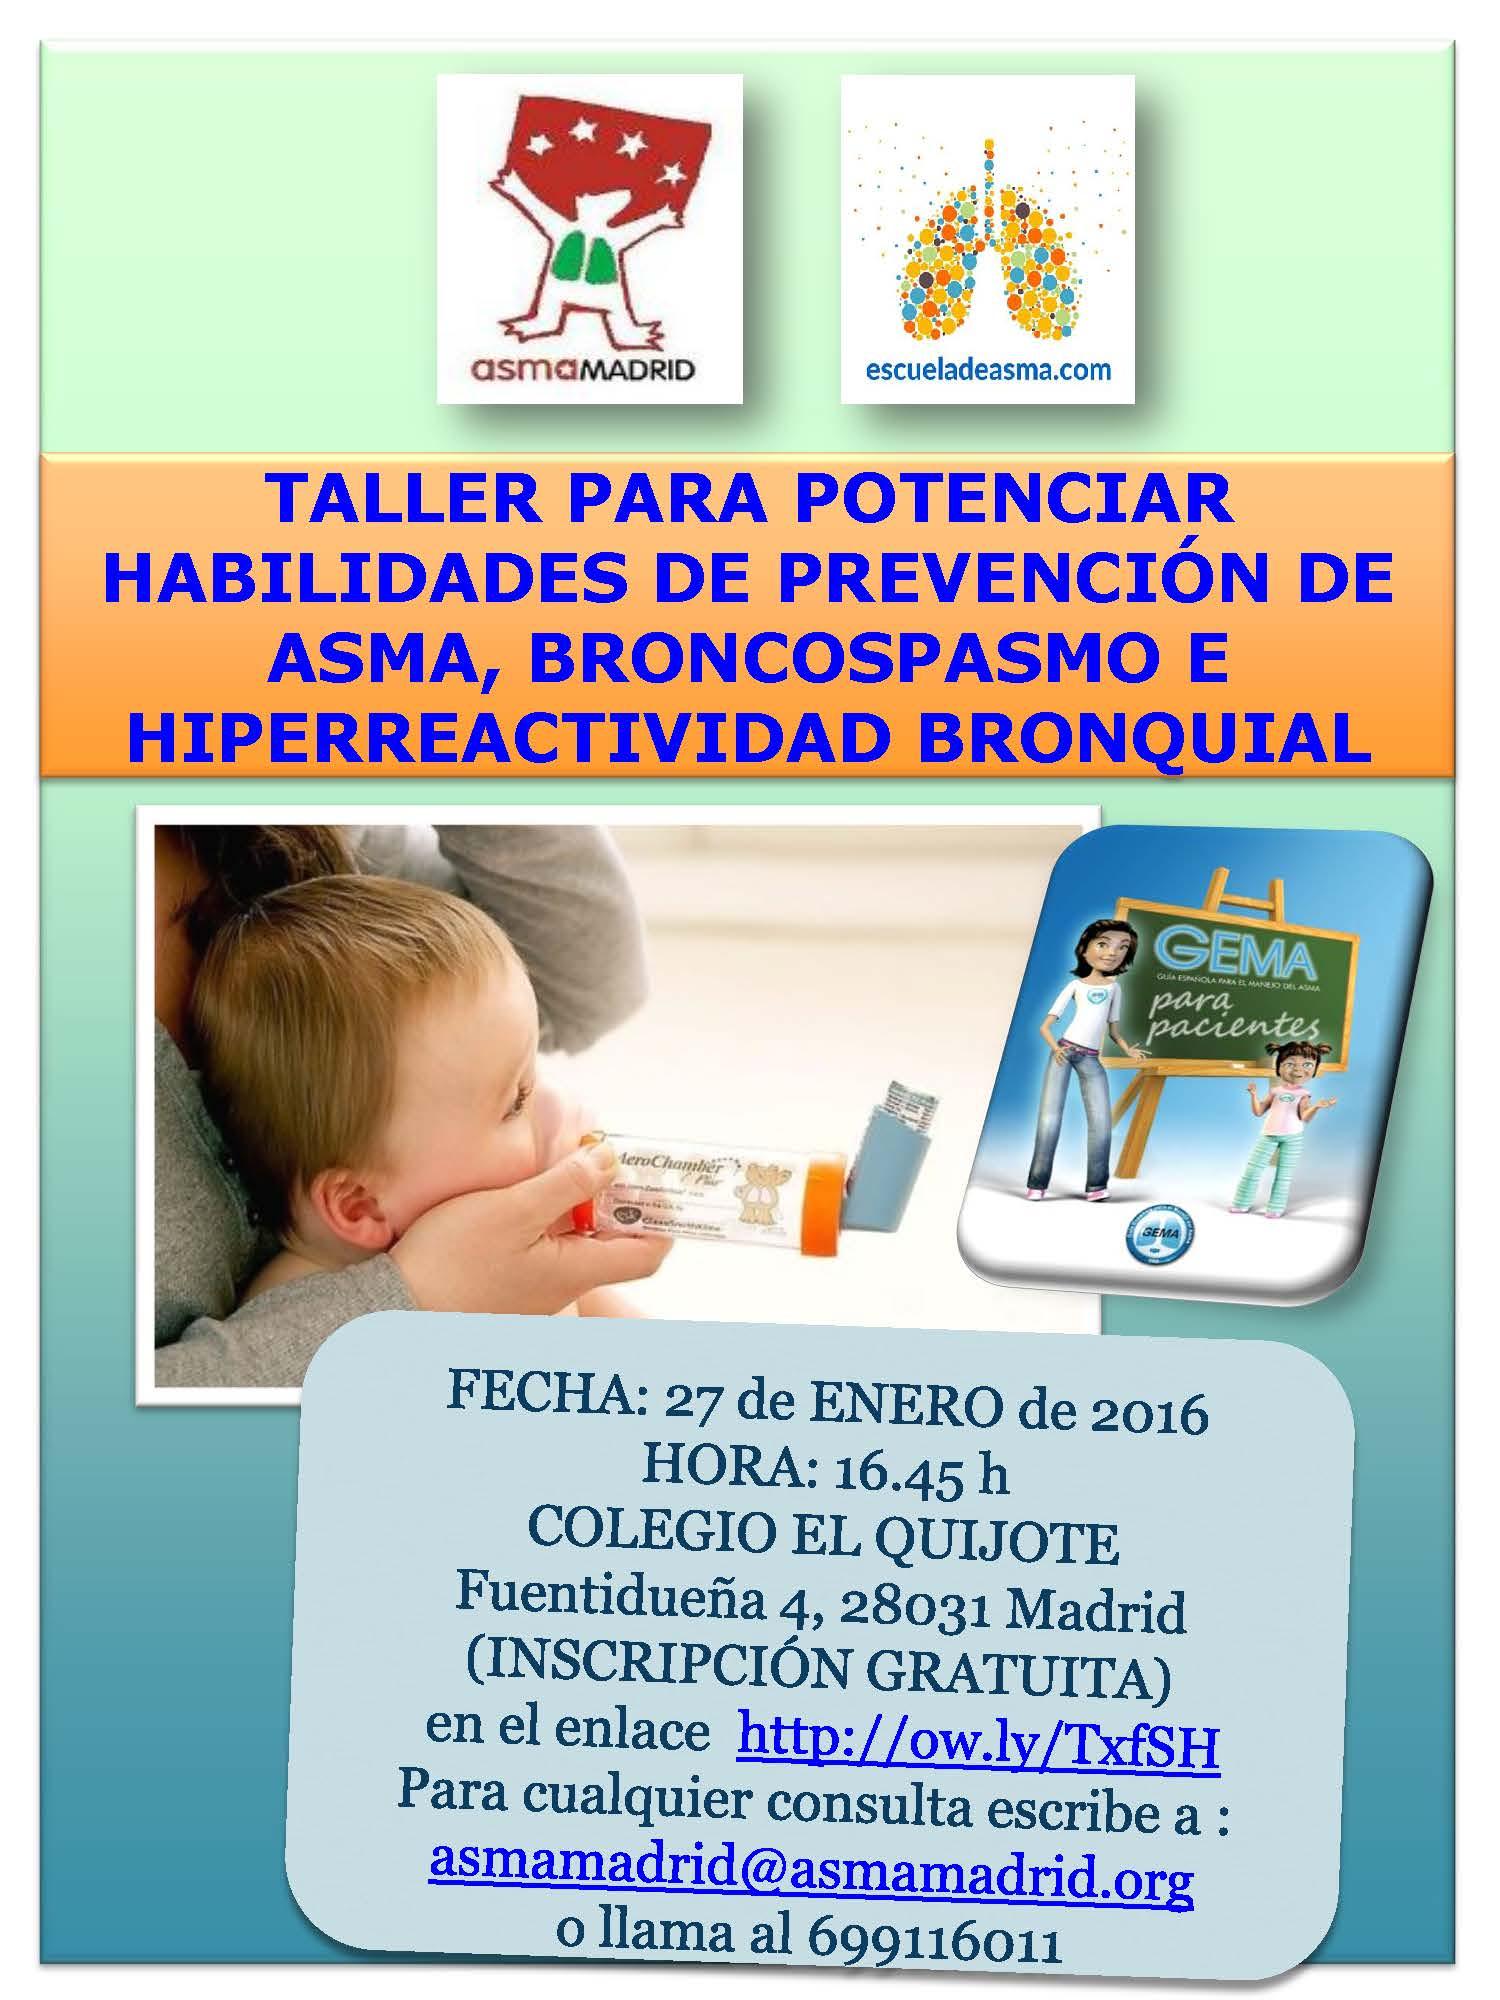 Curso-taller gratuito de asma el 27 de enero